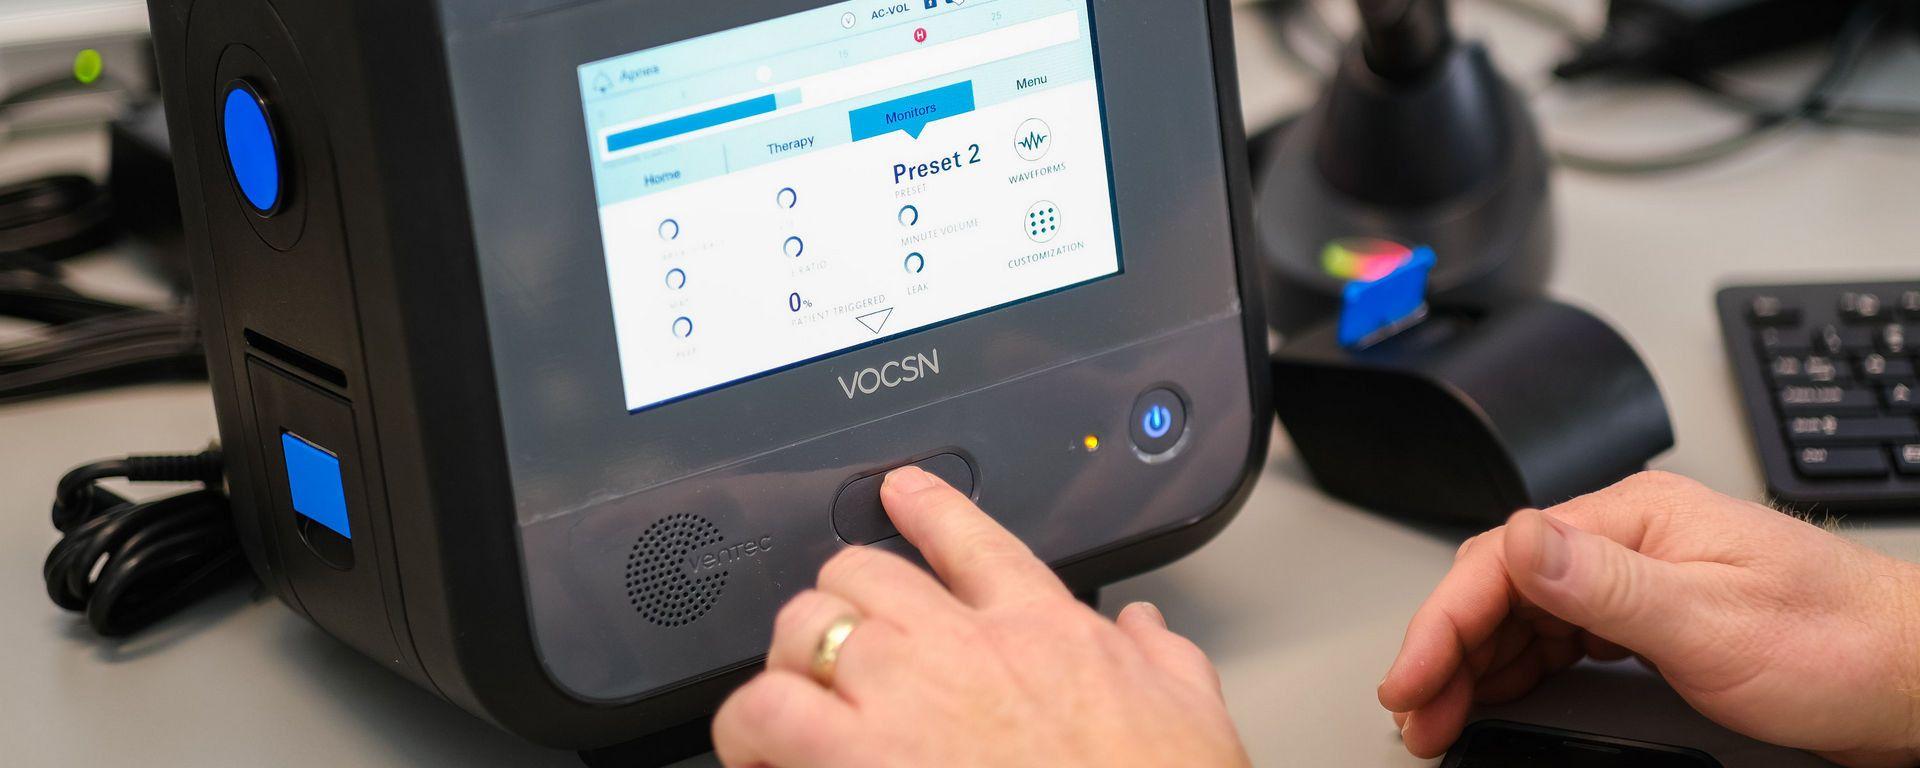 Ventilatore polmonare VOCSN di Ventec Life Systems